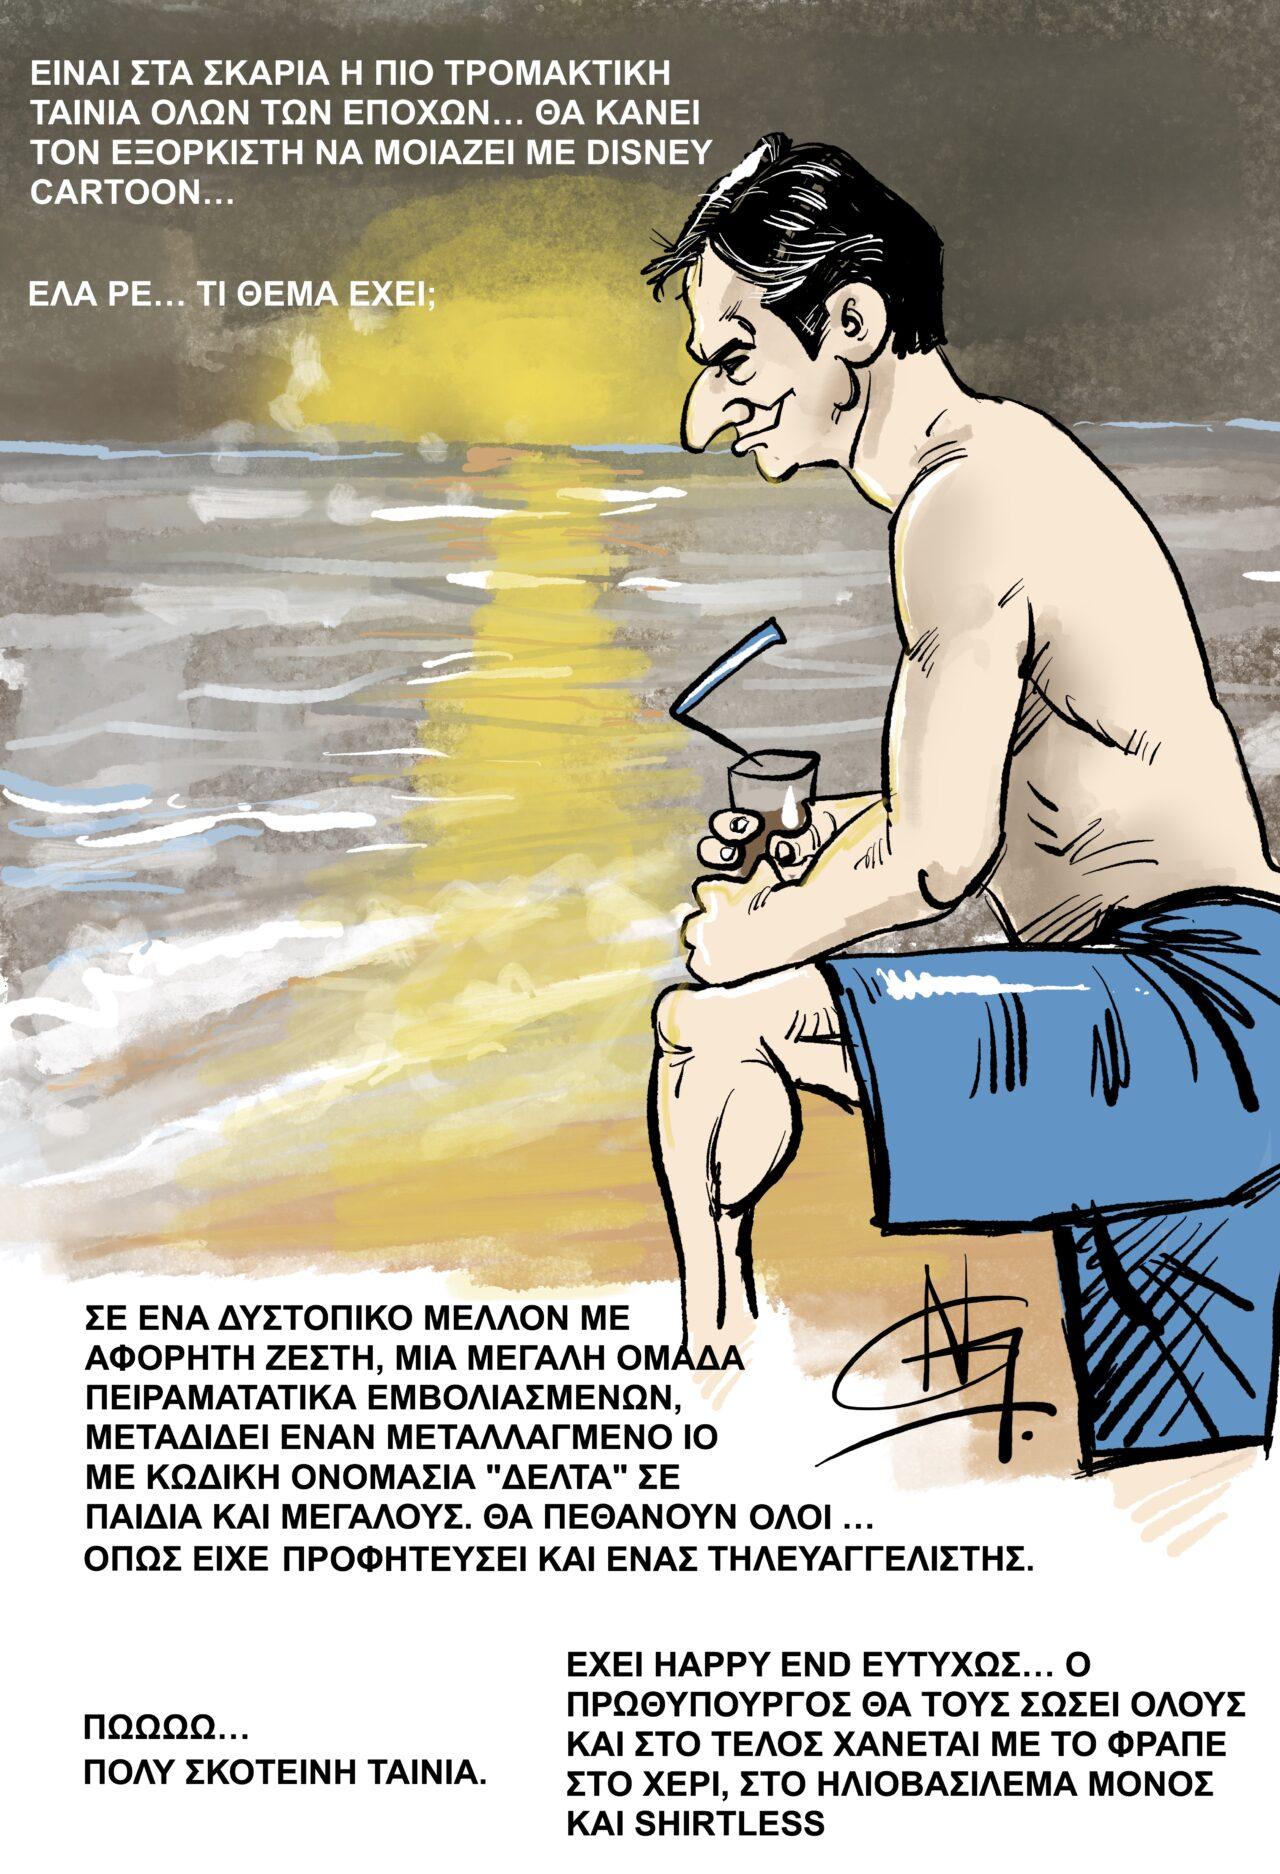 Αυτό είναι το σκίτσο που δημιούργησε ο Νίκος Γκιόλιας για το Sportime της Κυριακής 1/8.